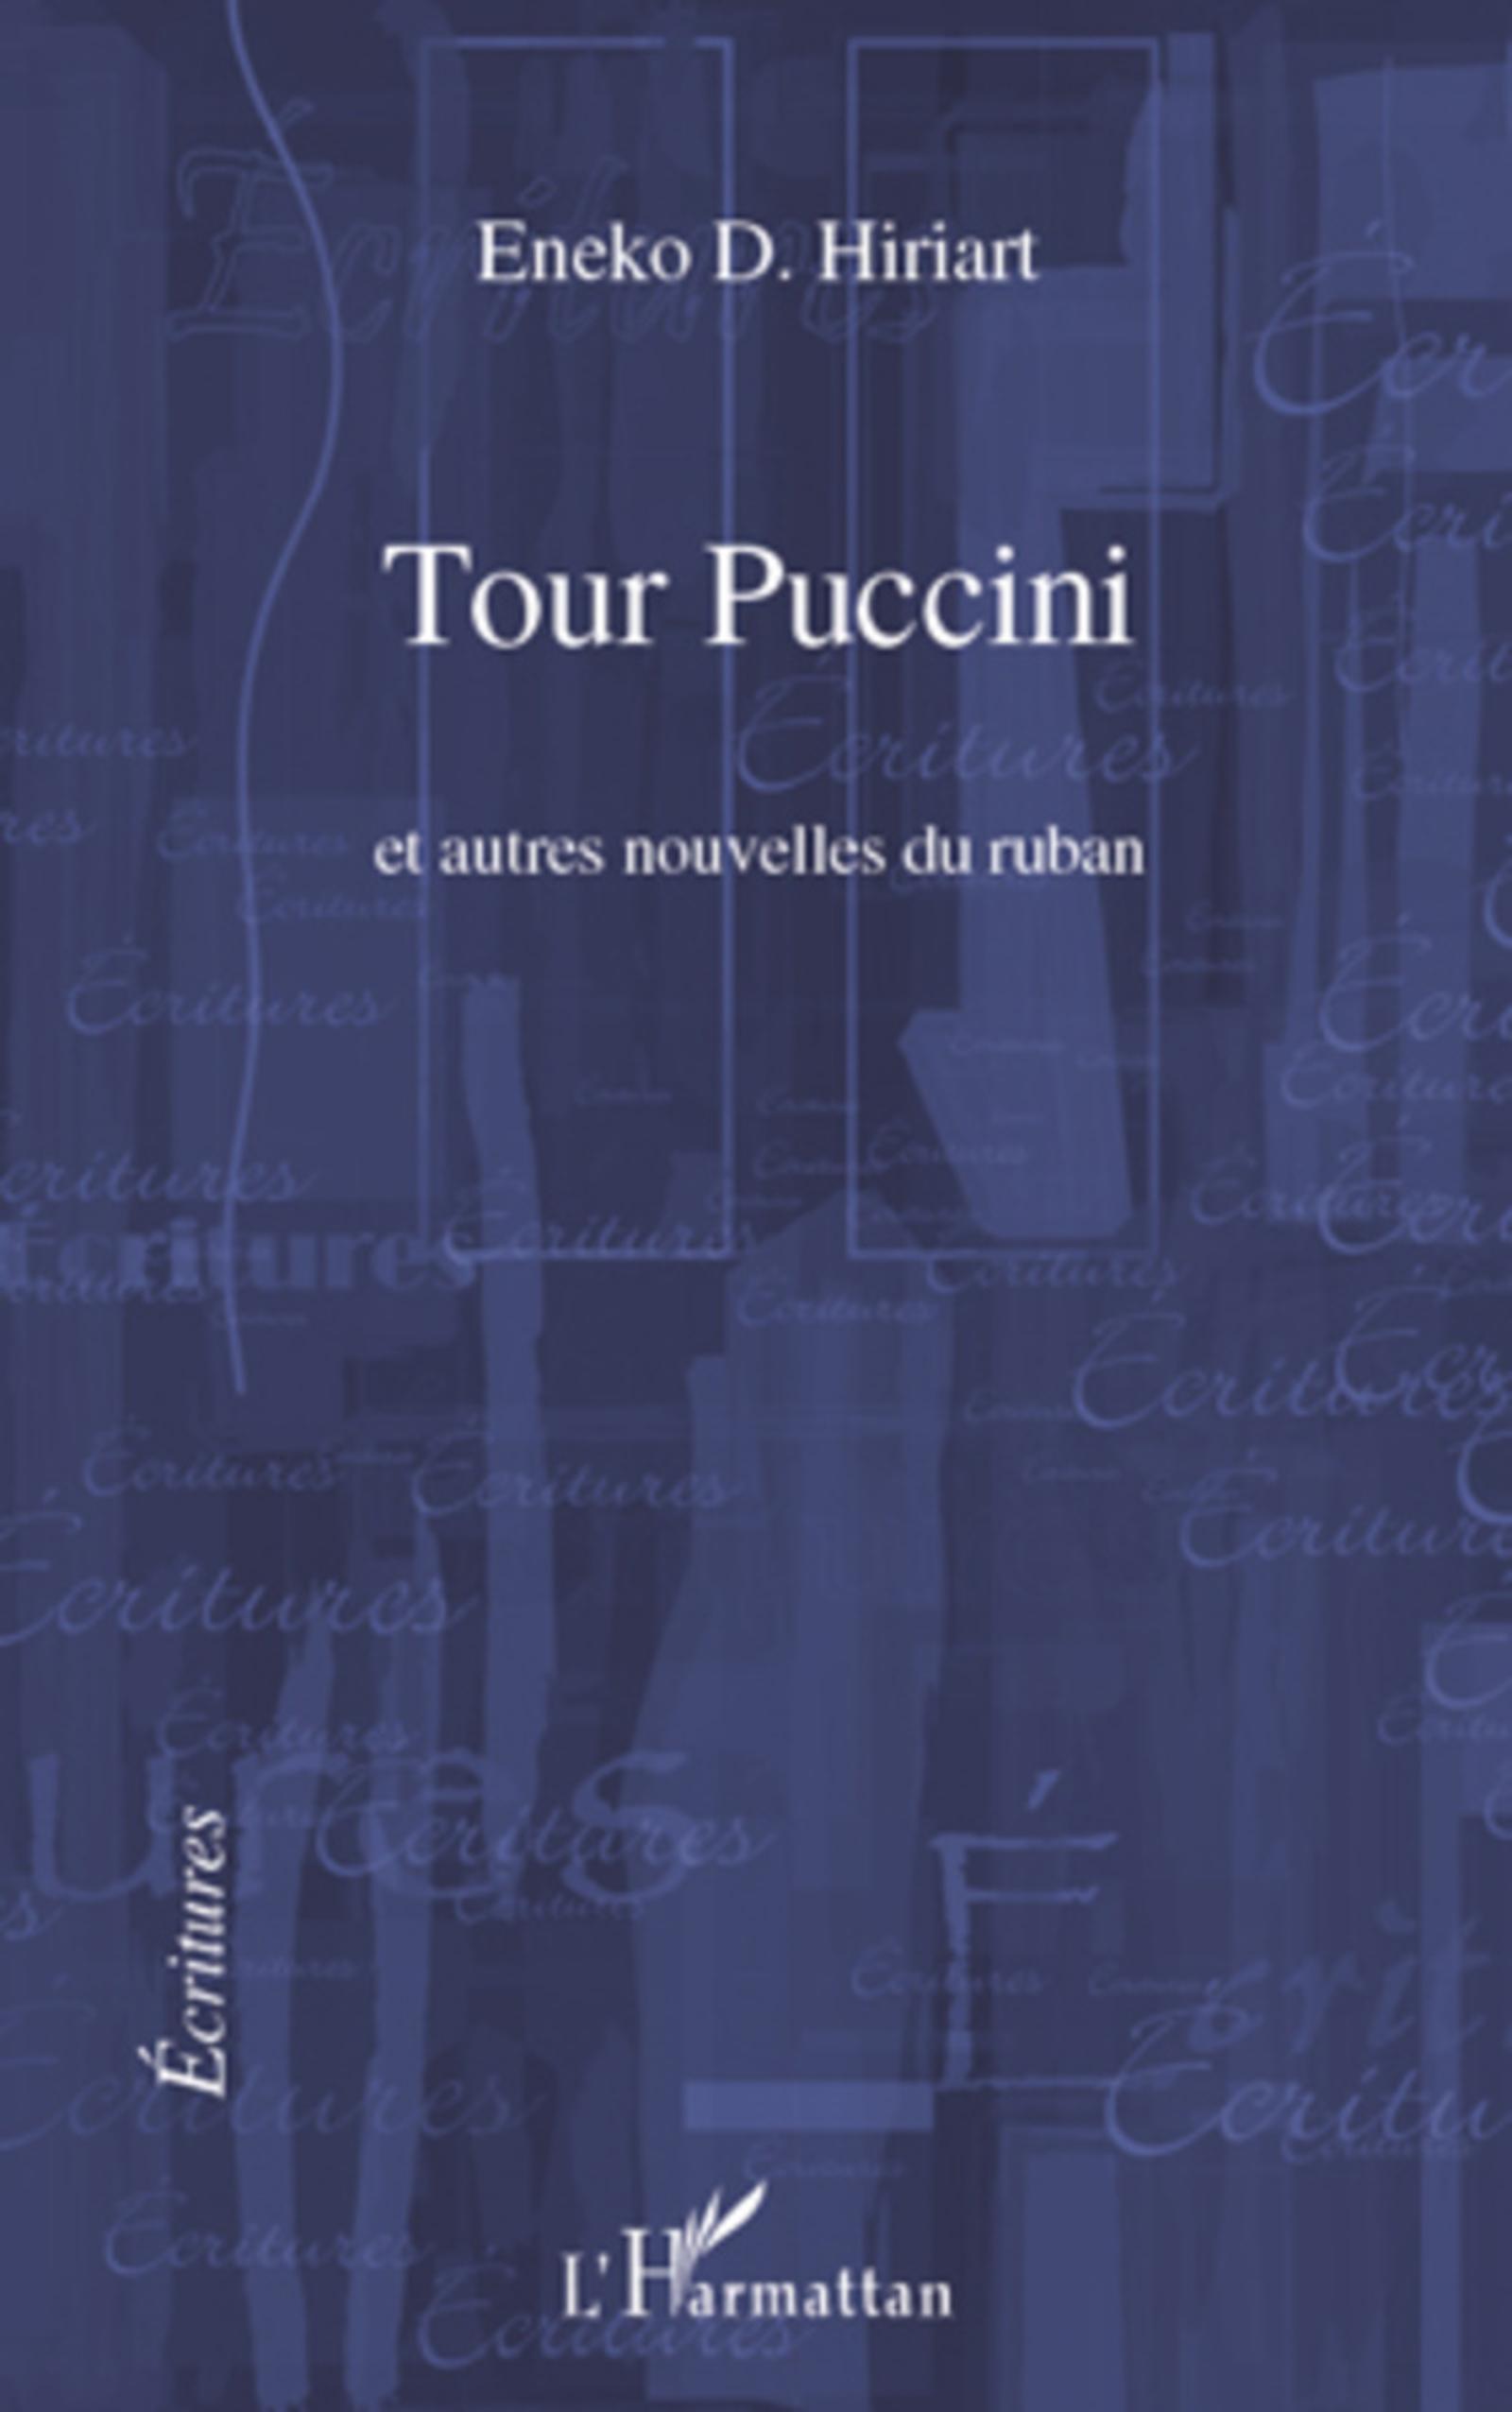 Tour Puccini